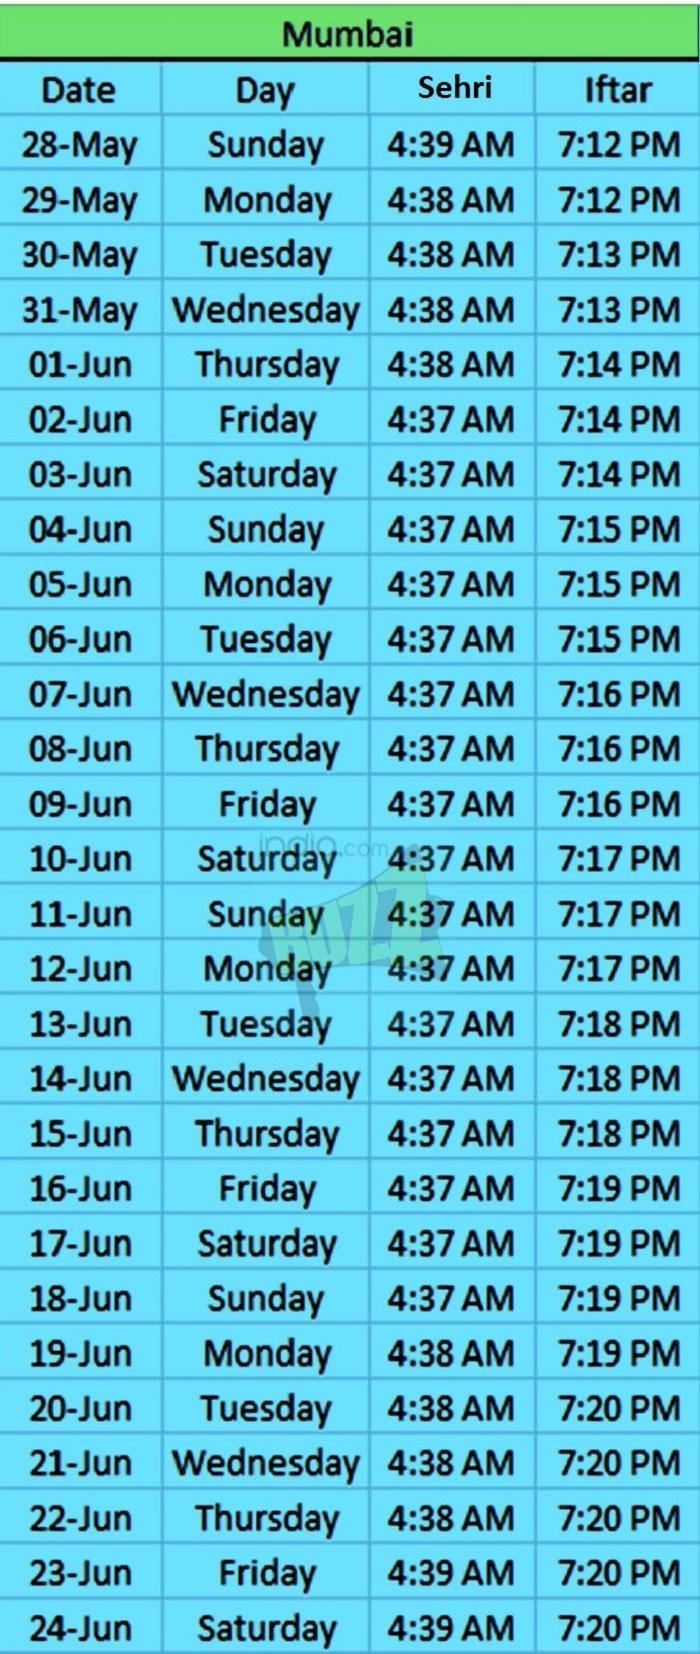 tempismo ramadan mumbai